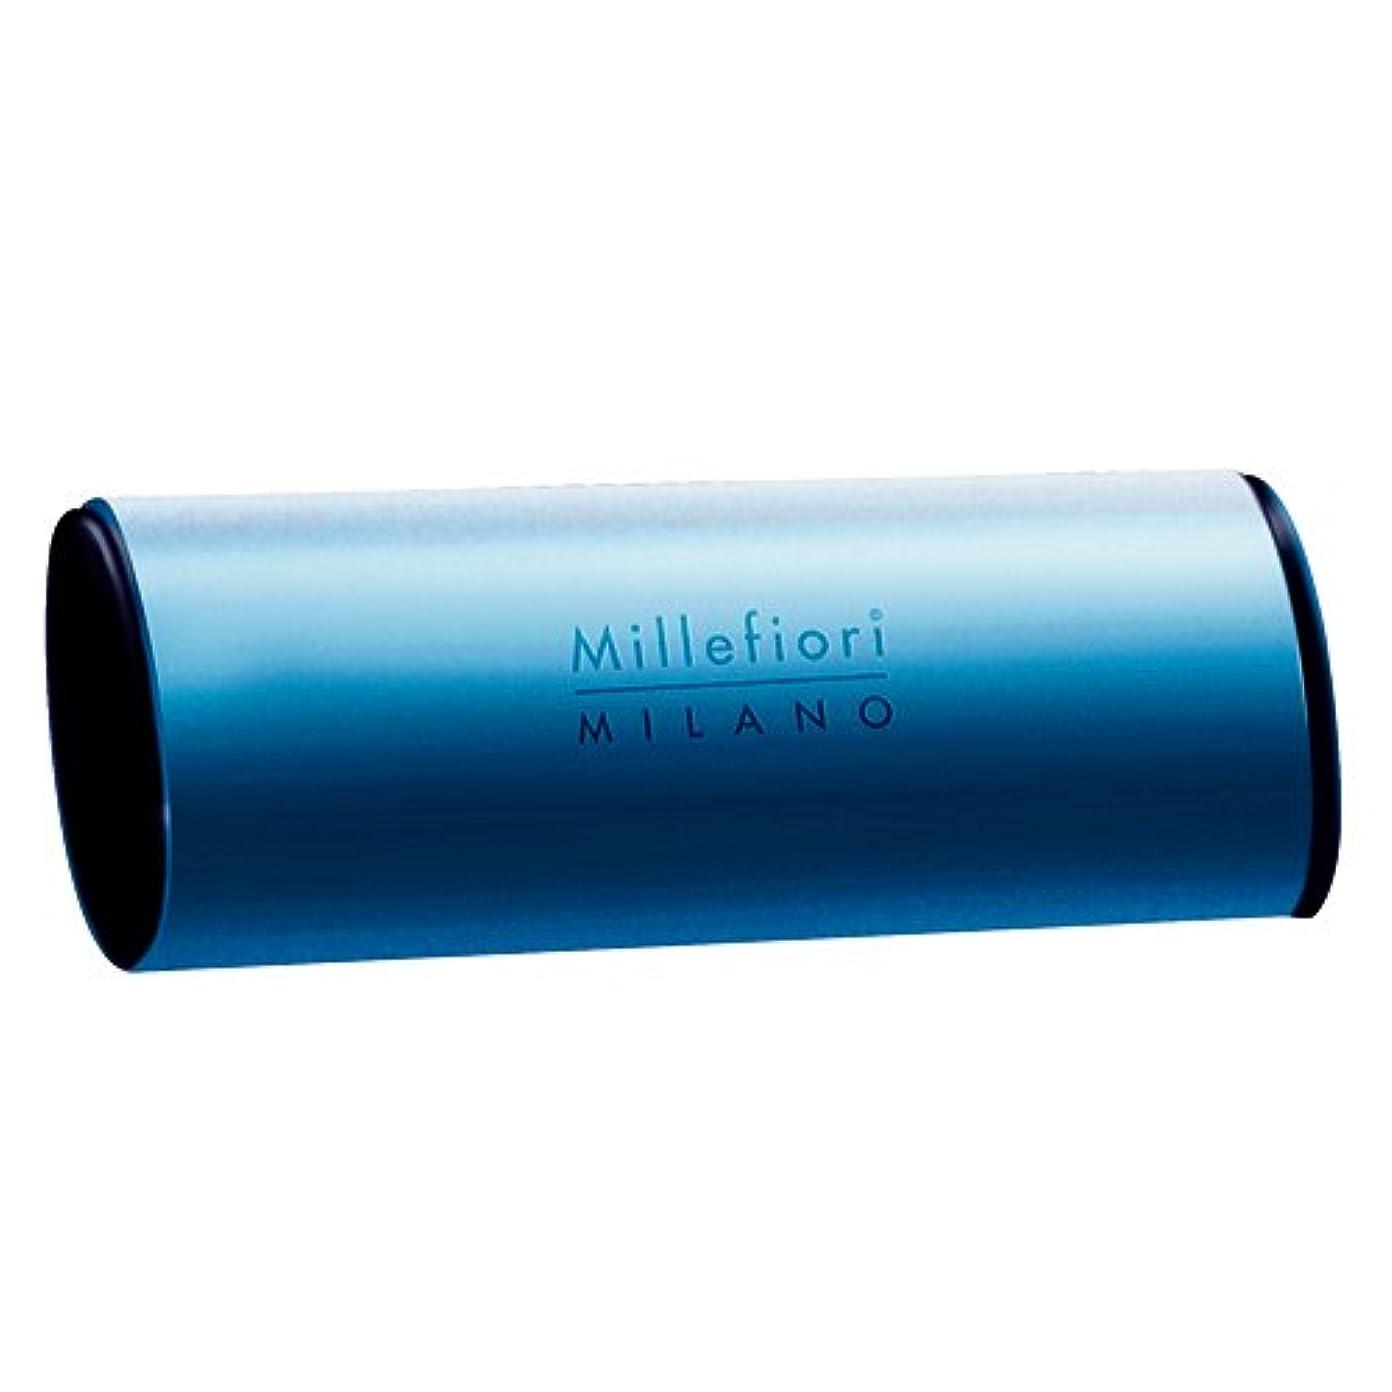 密度該当する目指すMillefiori カーエアーフレッシュナー ブルー スパイシーウッド CDIF-A-006